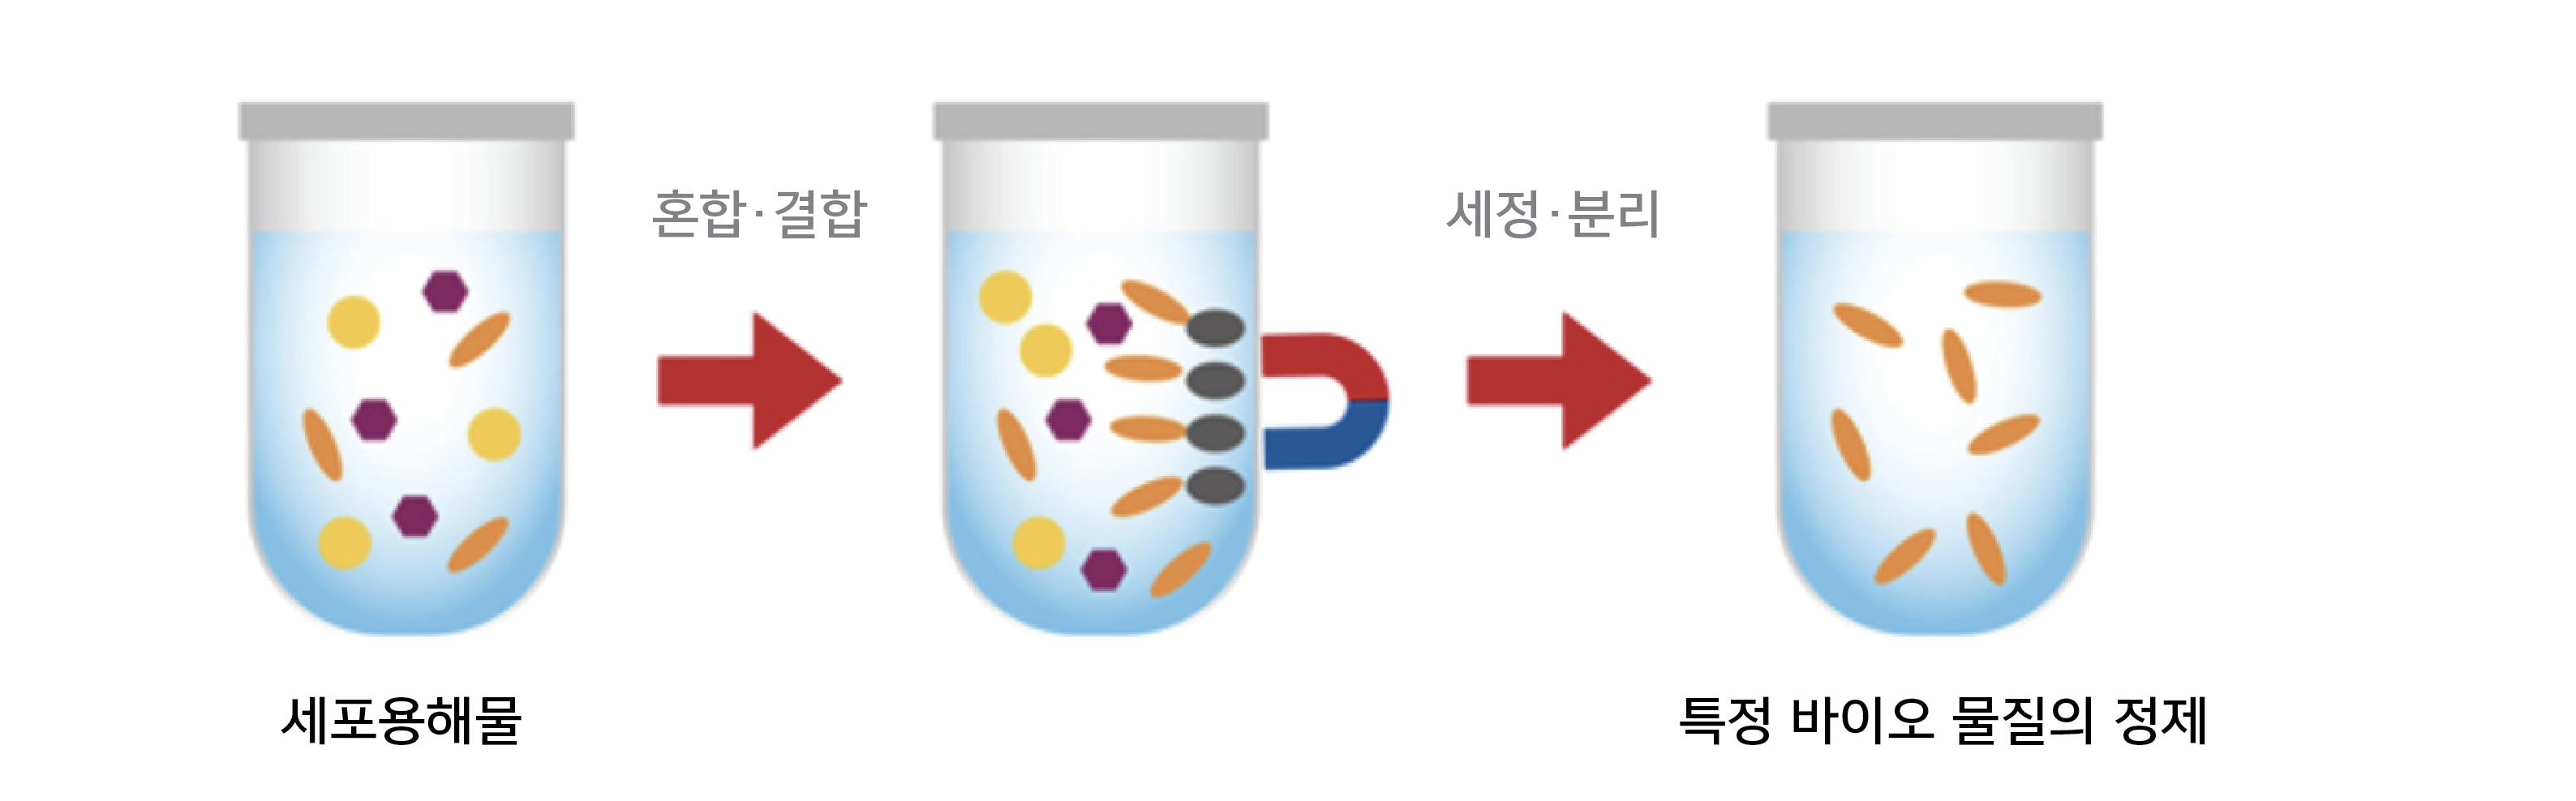 수정-200422